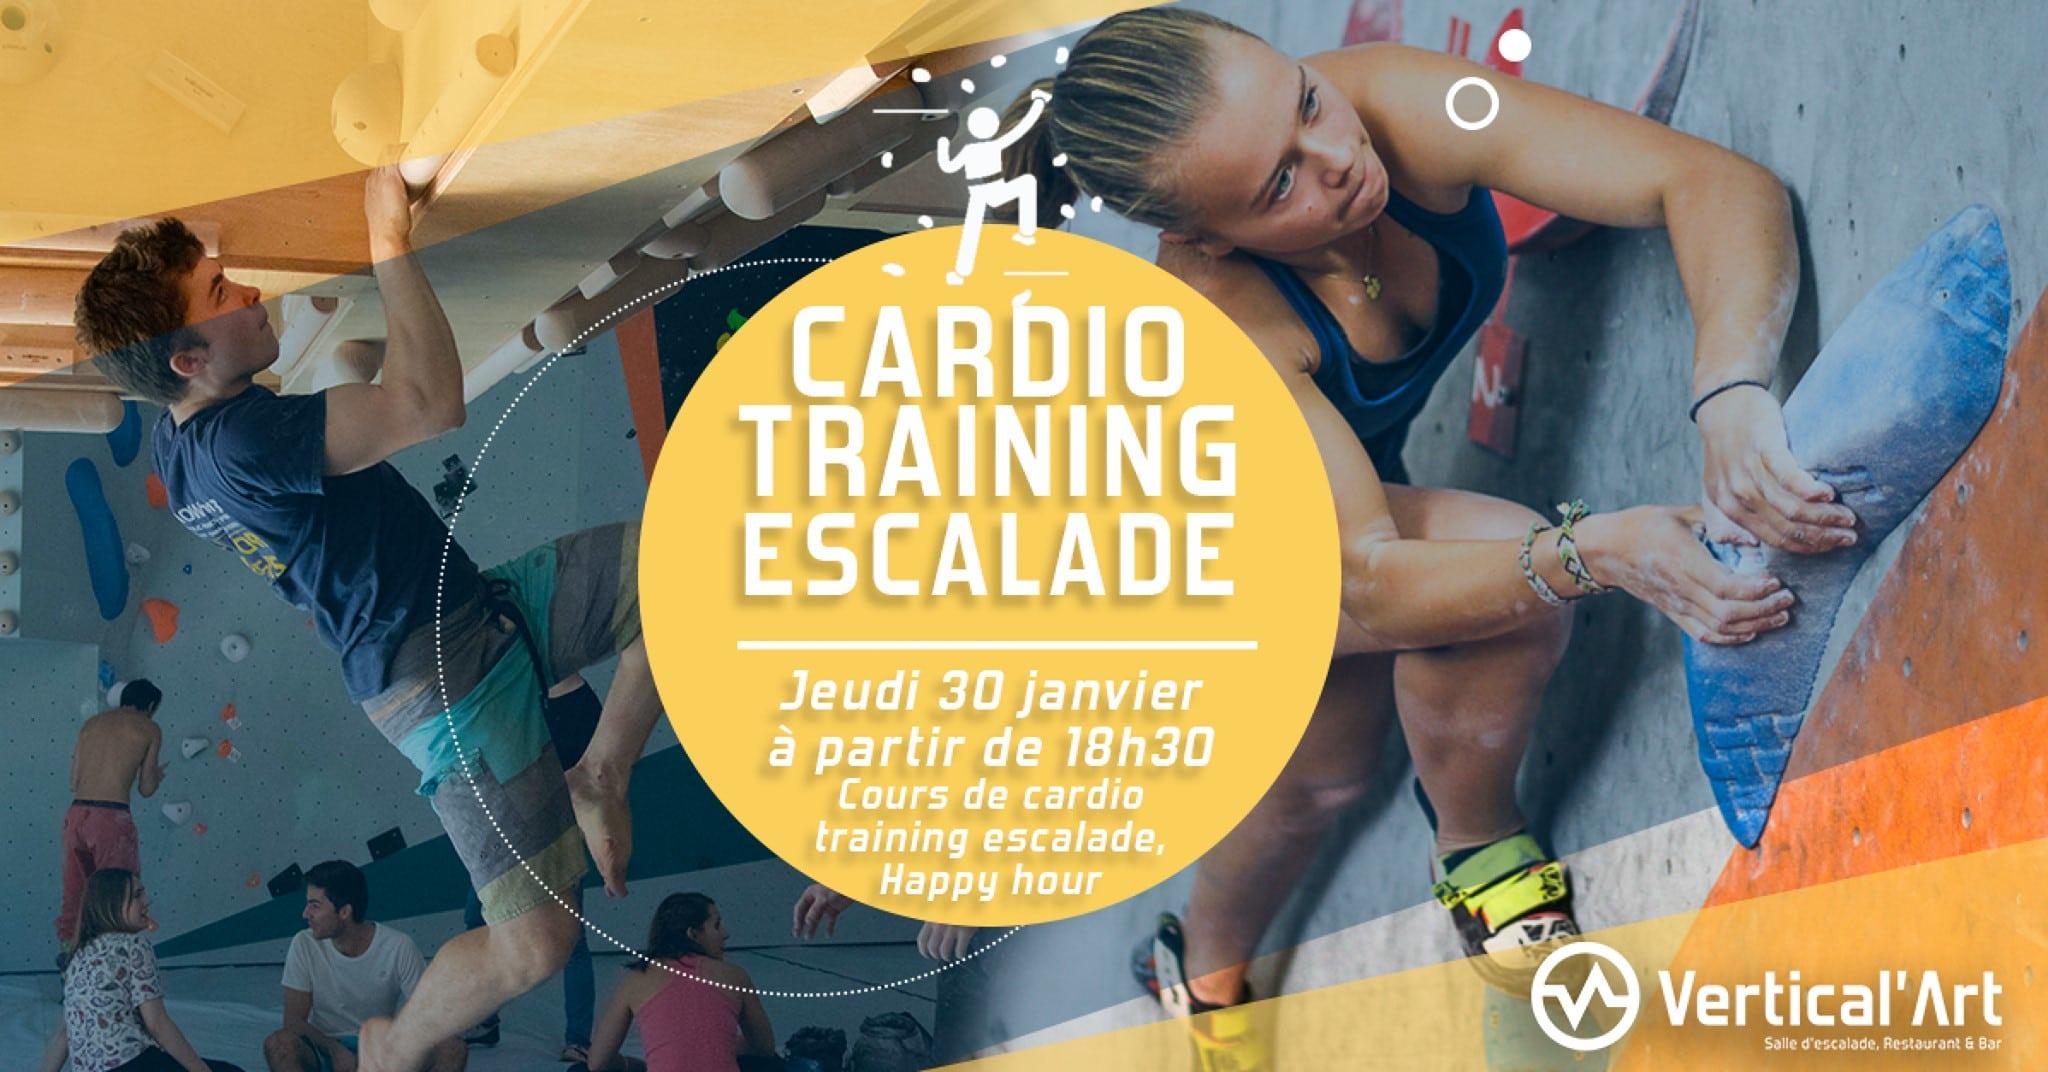 soirée cardio-training à lyon - entrainement grimpe - musculation - sport - Vertical'Art Lyon salle d'escalade de bloc restaurant et bat